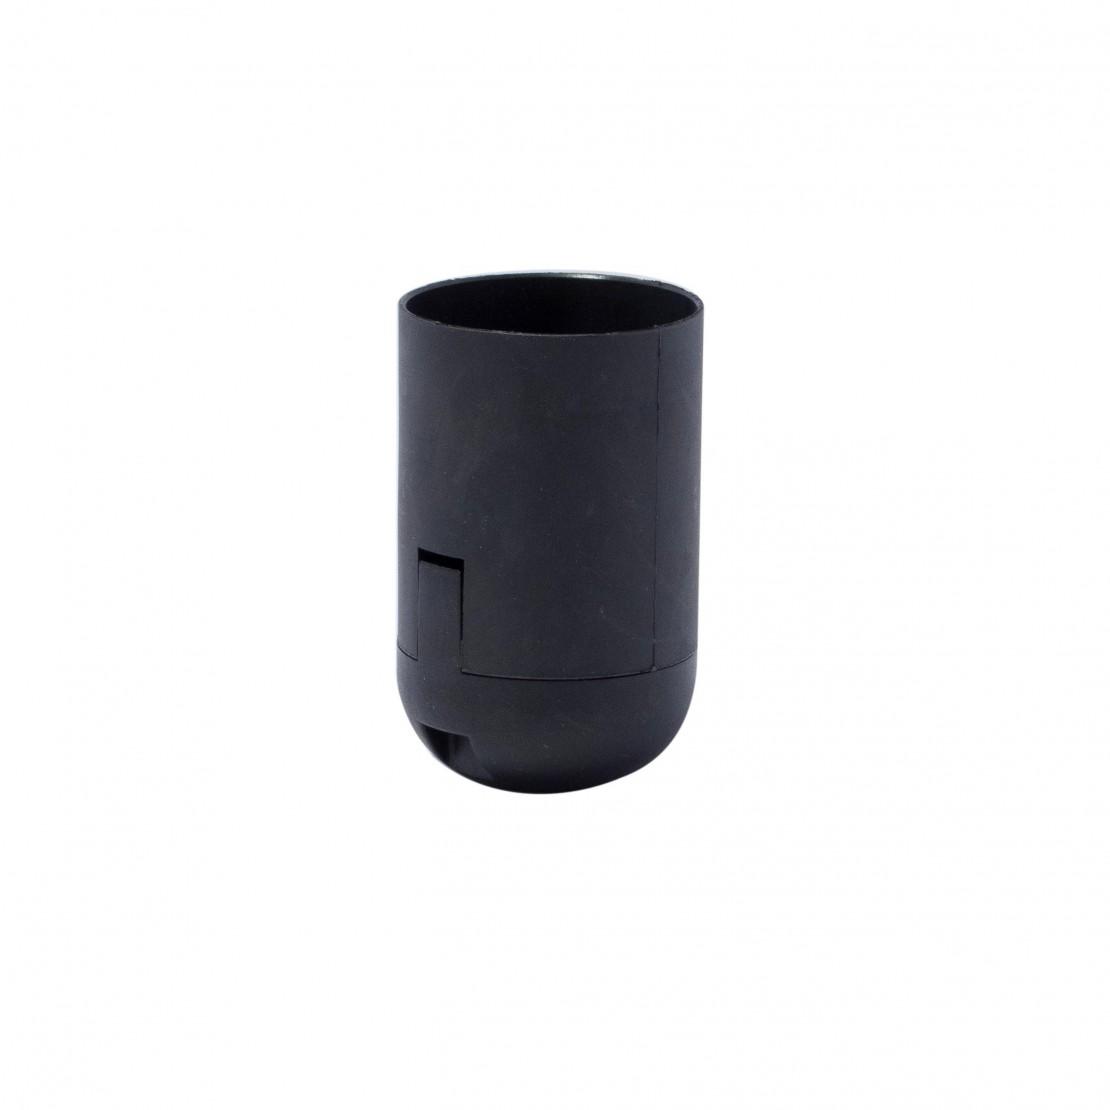 Douille E27 noire avec connection rapide